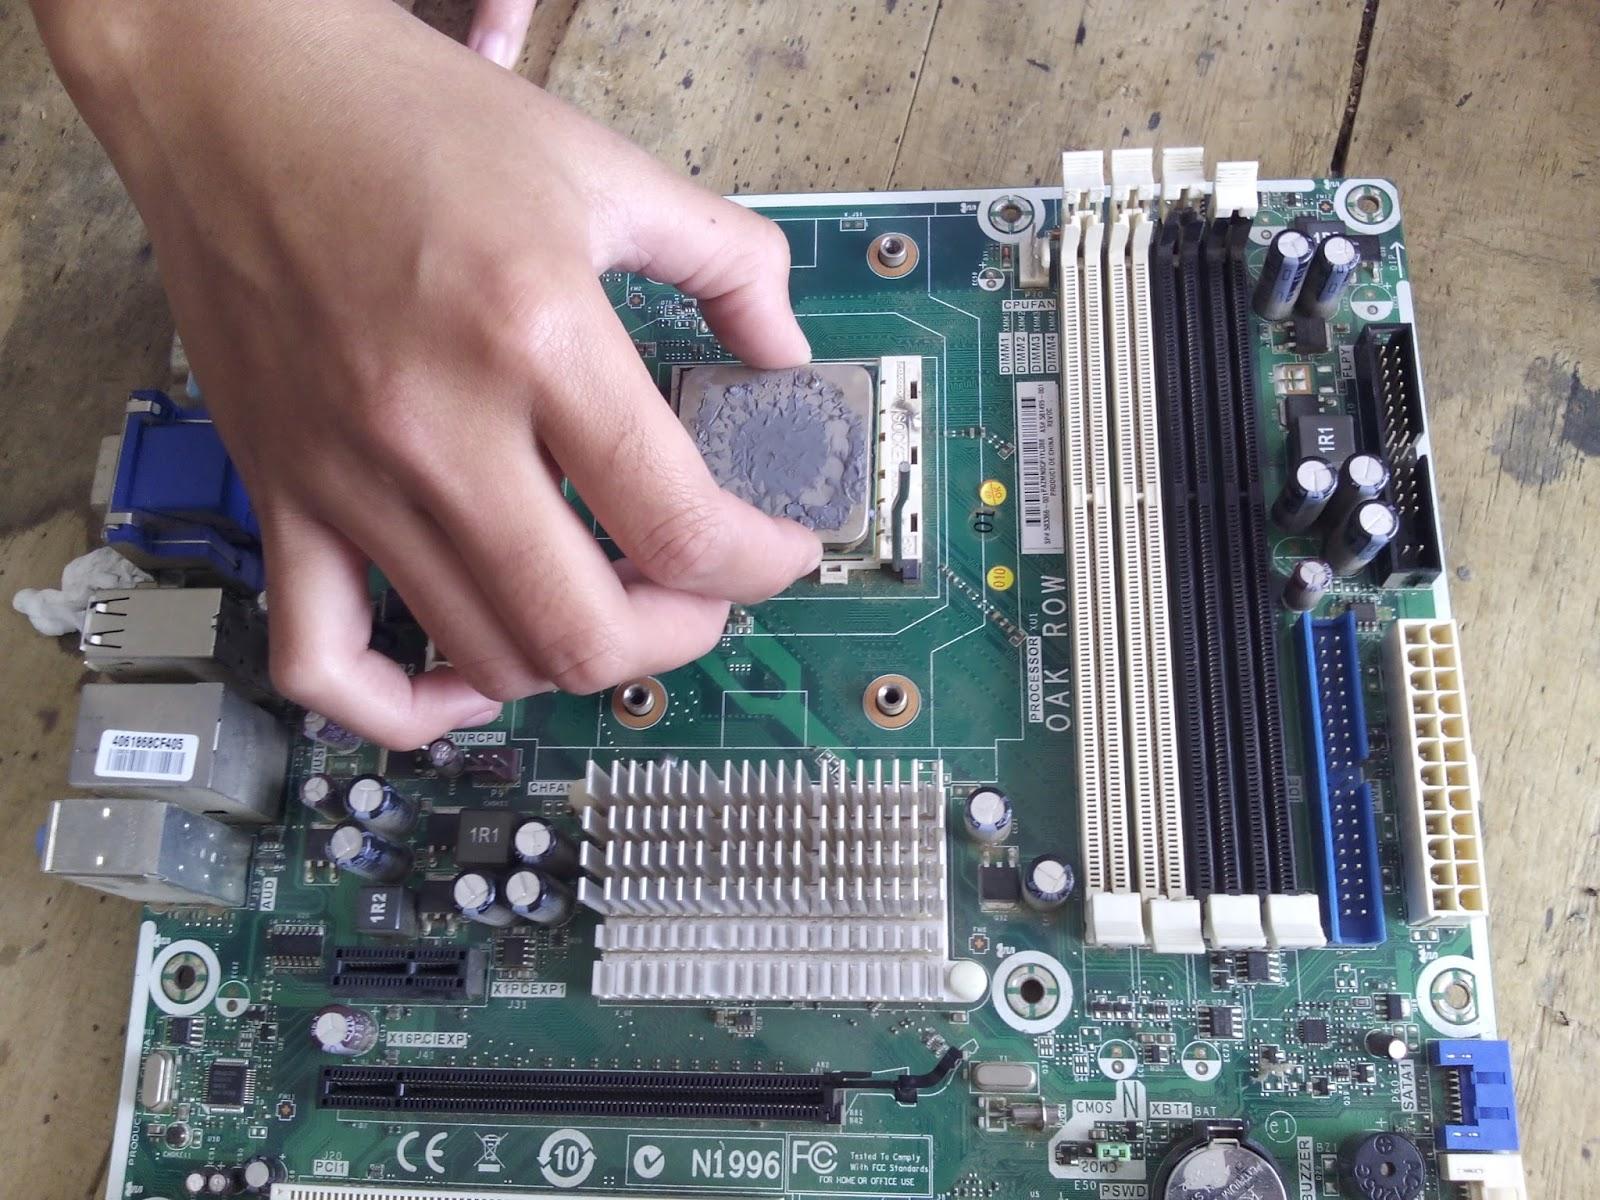 Contoh Laporan Merakit Komputer